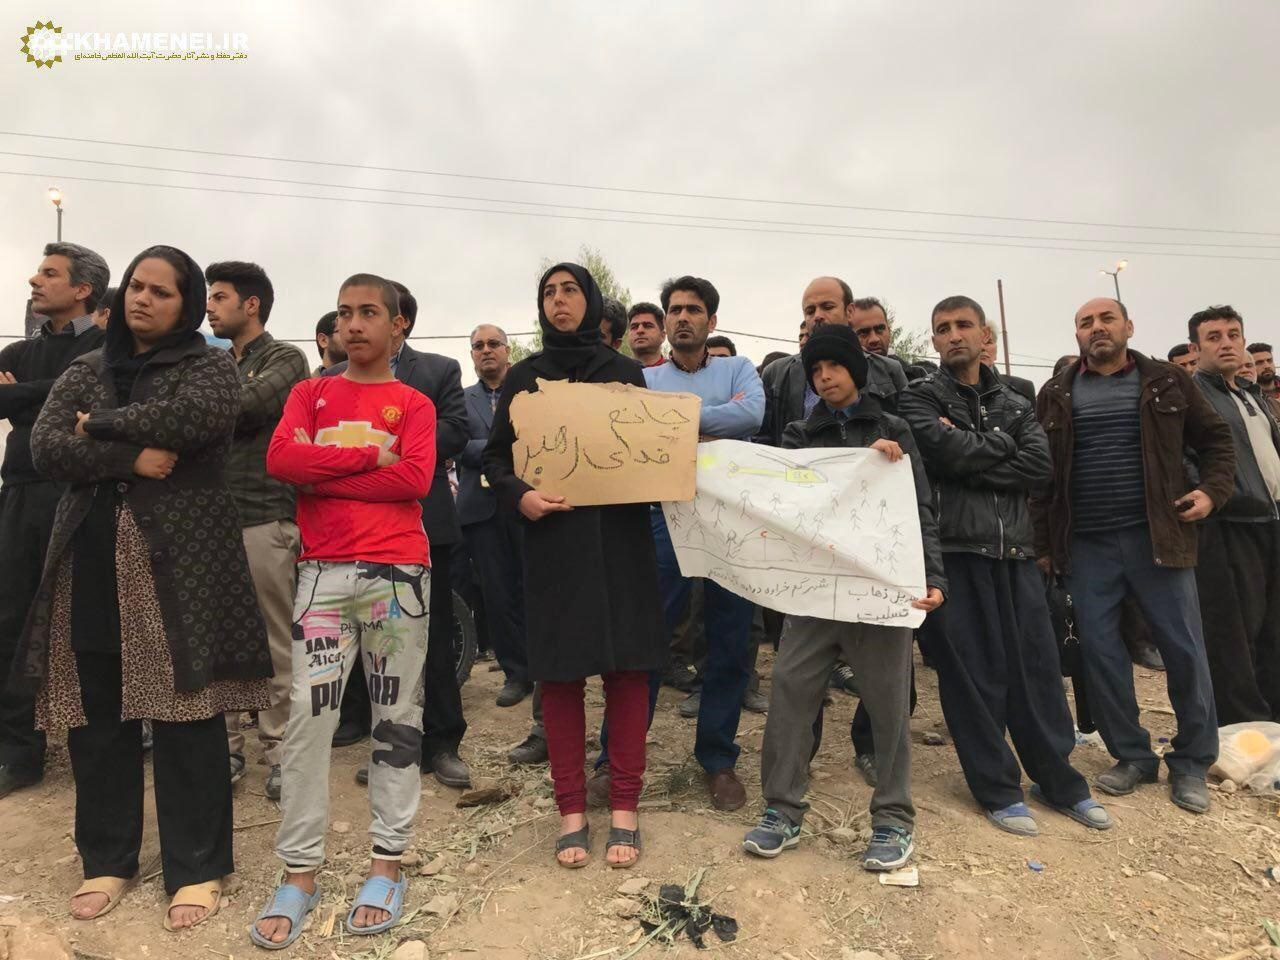 مردم زلزلهزده کرمانشاه پیش از دیدار با رهبرانقلاب